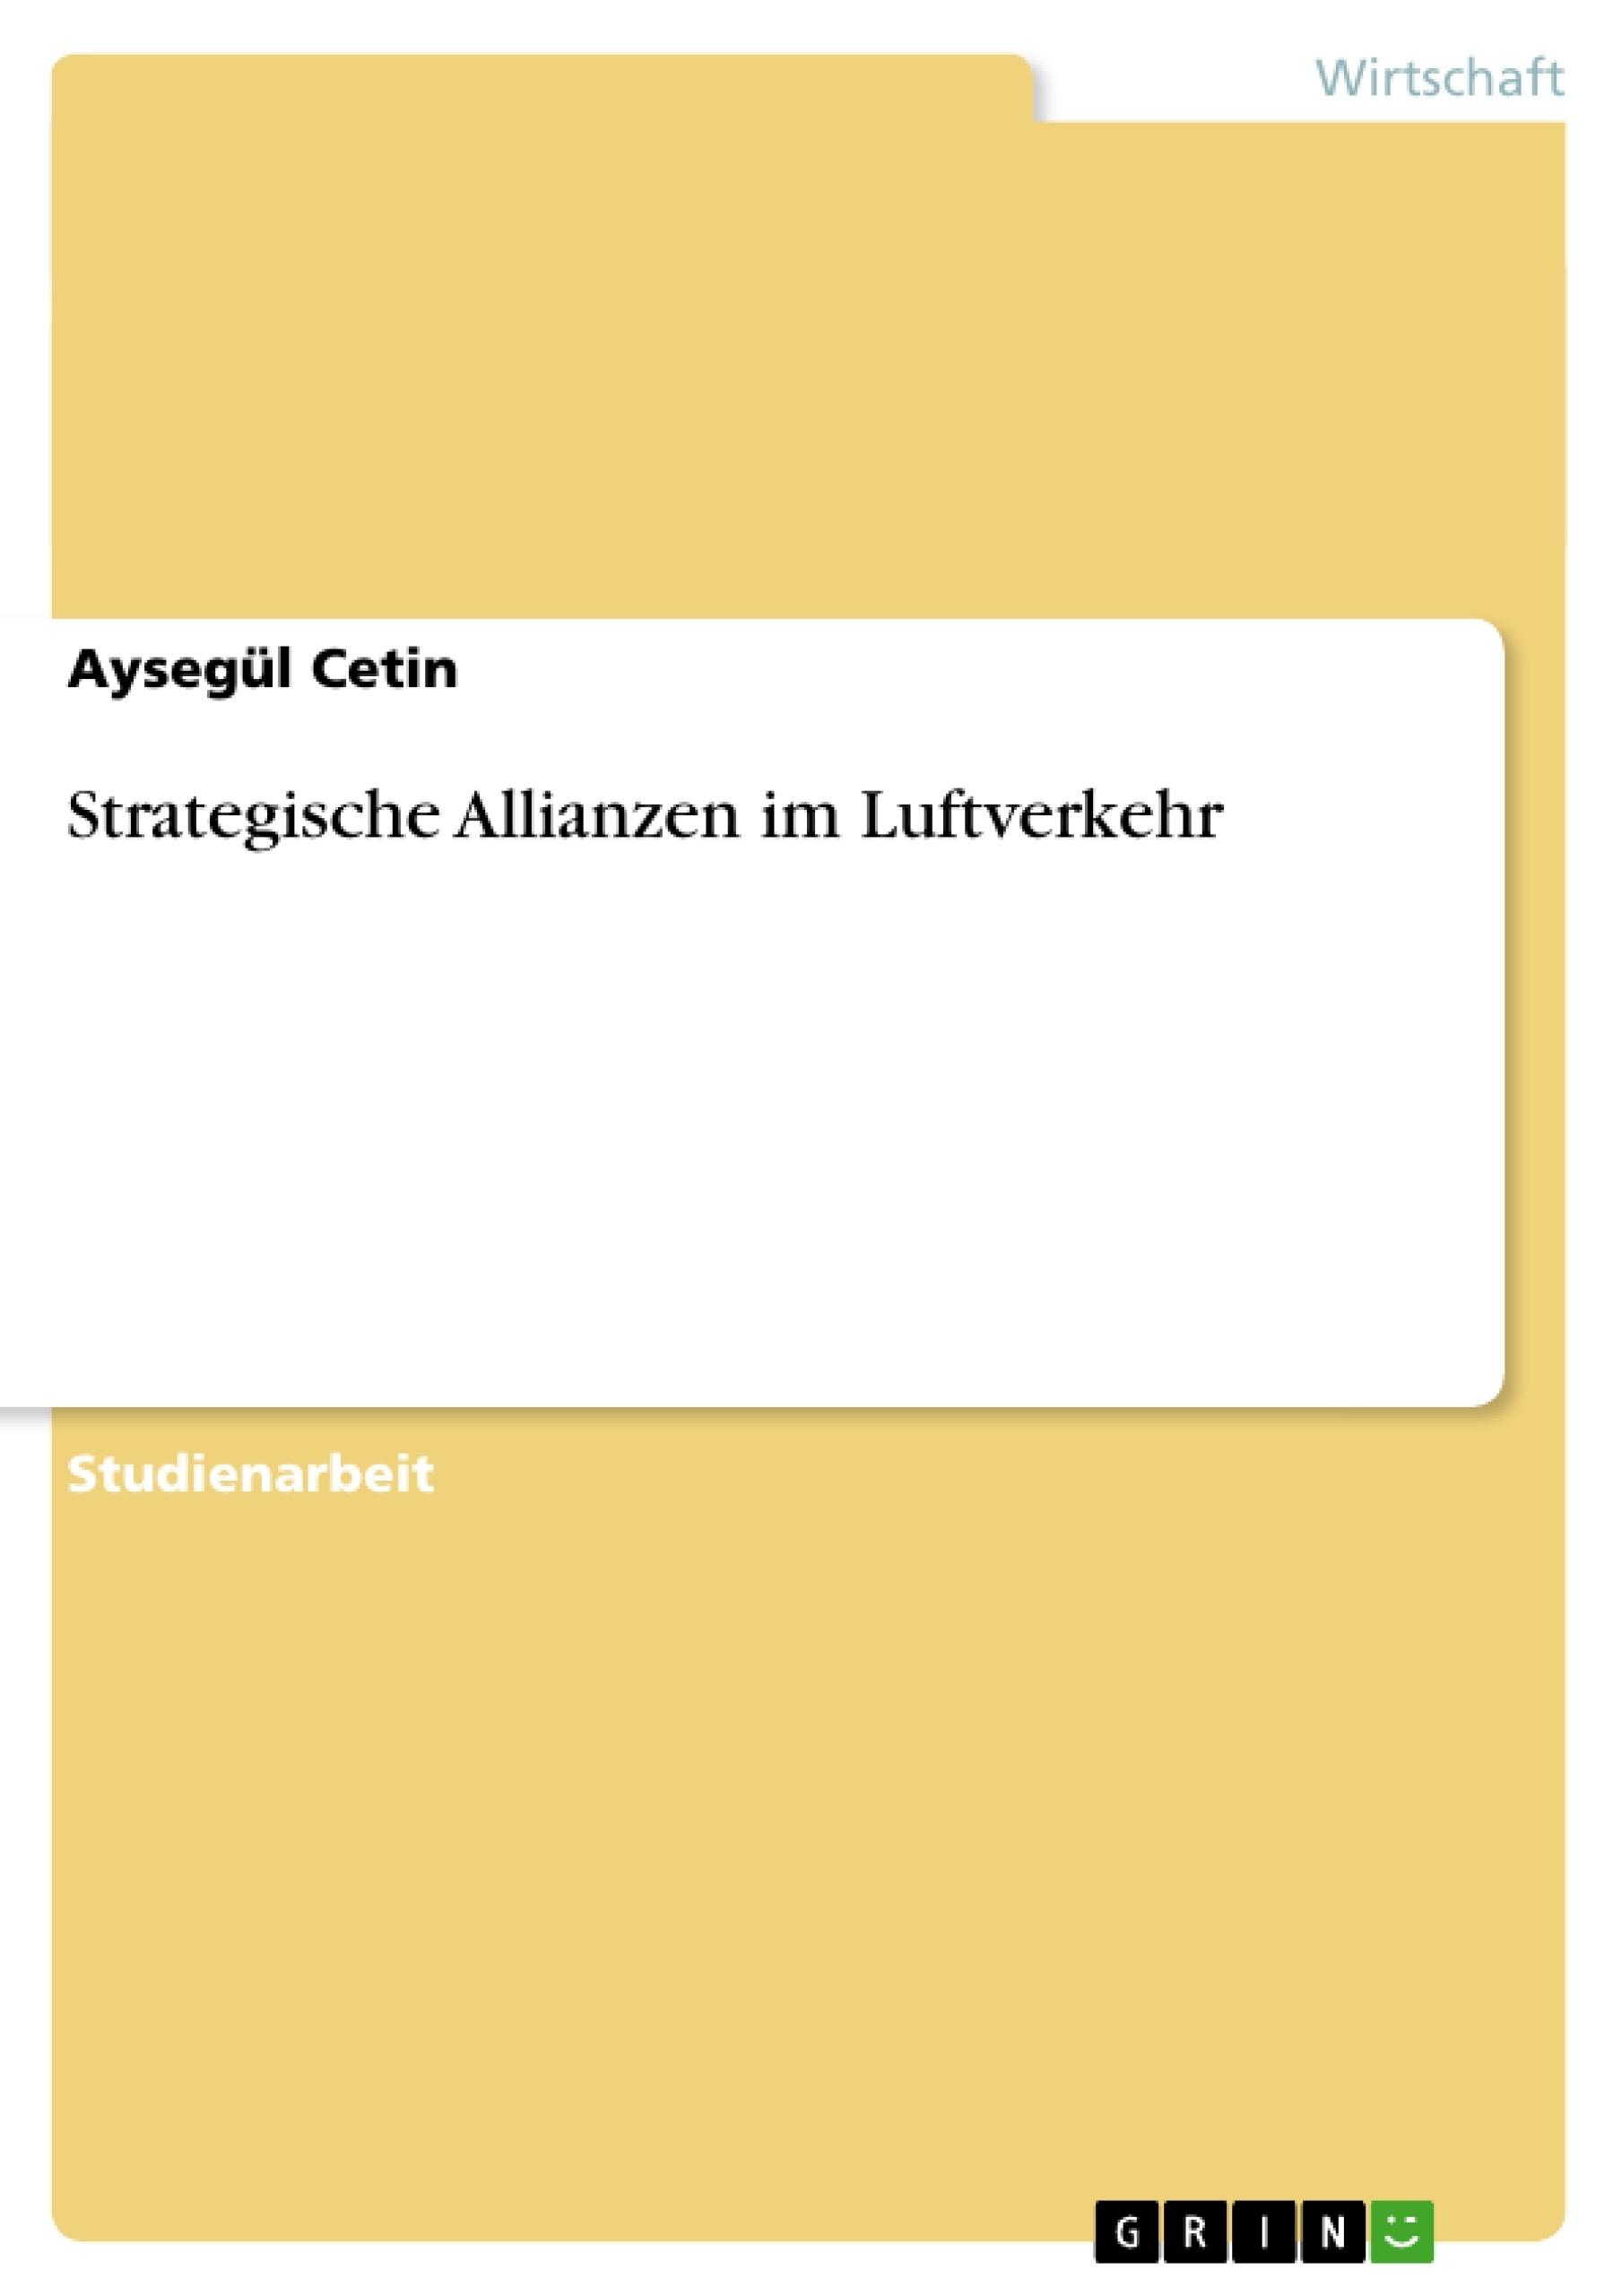 Titel: Strategische Allianzen im Luftverkehr